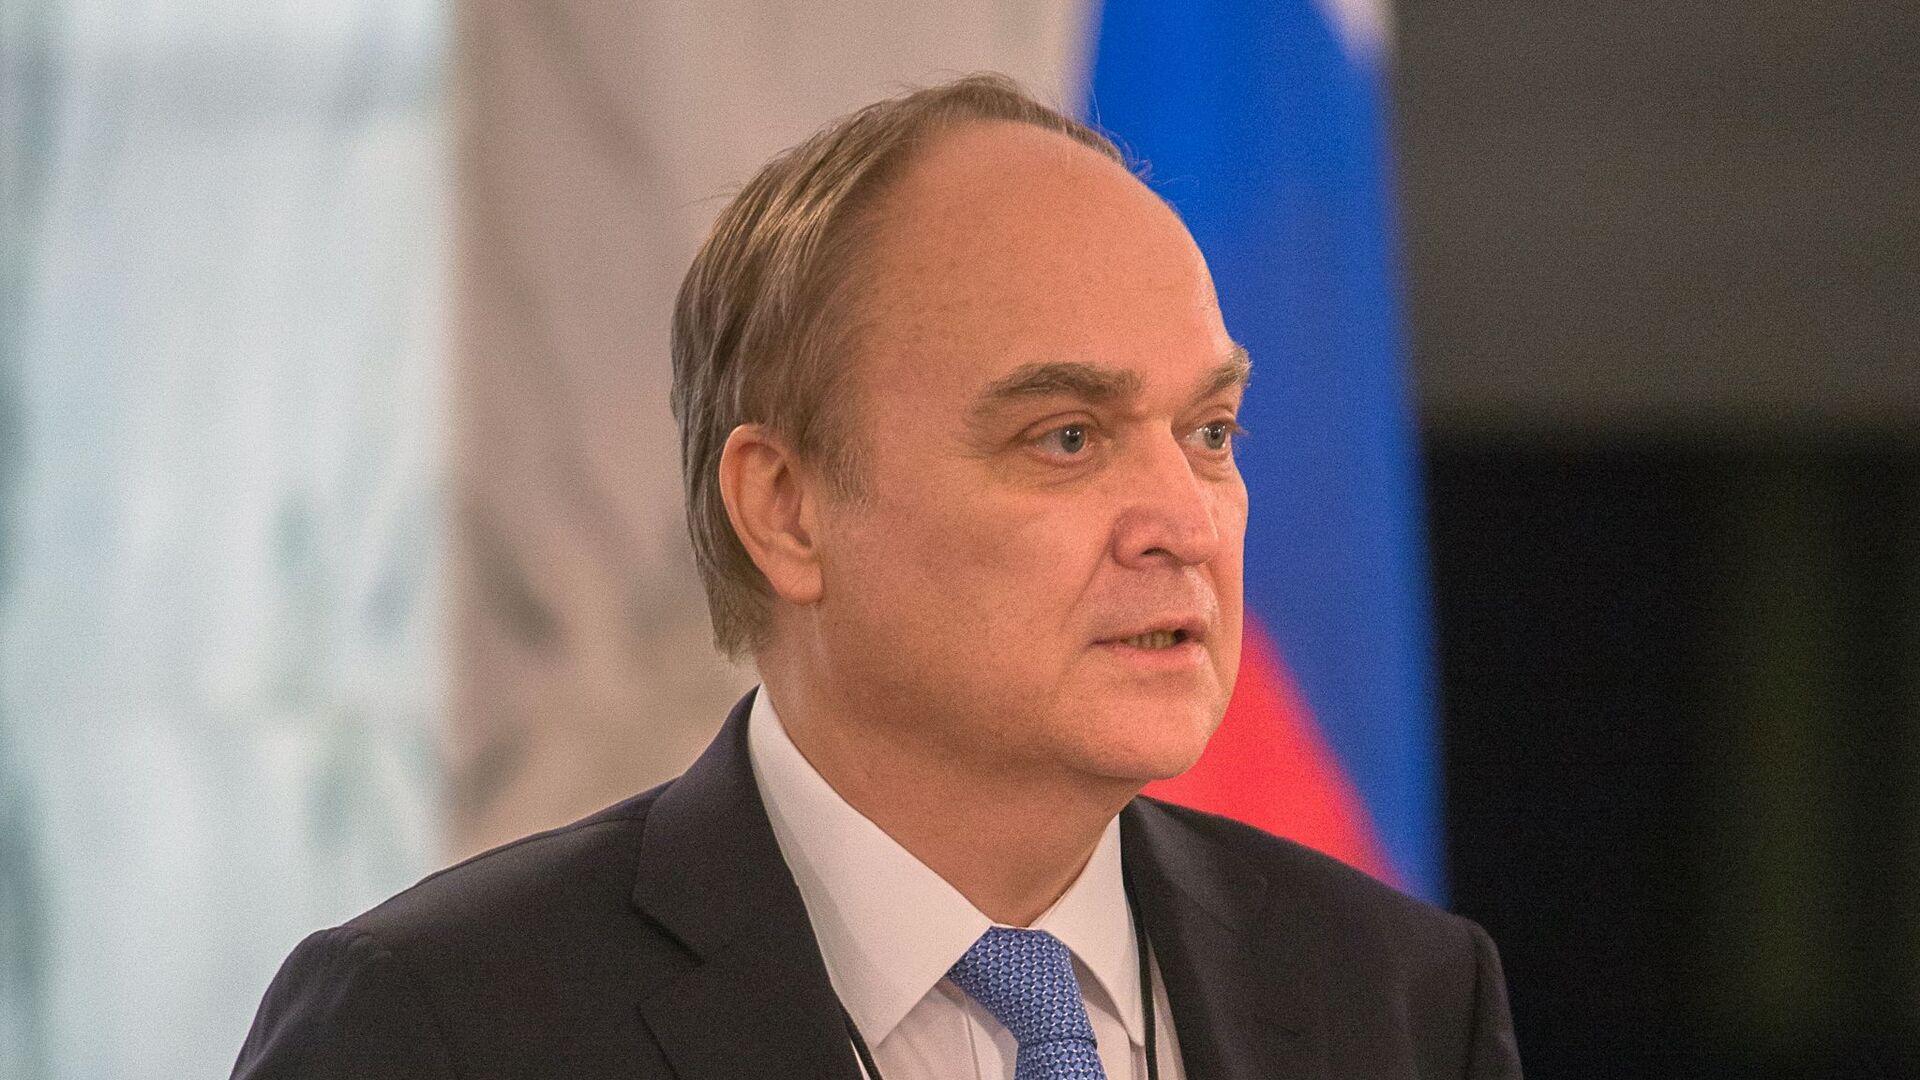 El embajador de Rusia en EEUU, Anatoli Antónov - Sputnik Mundo, 1920, 25.03.2021